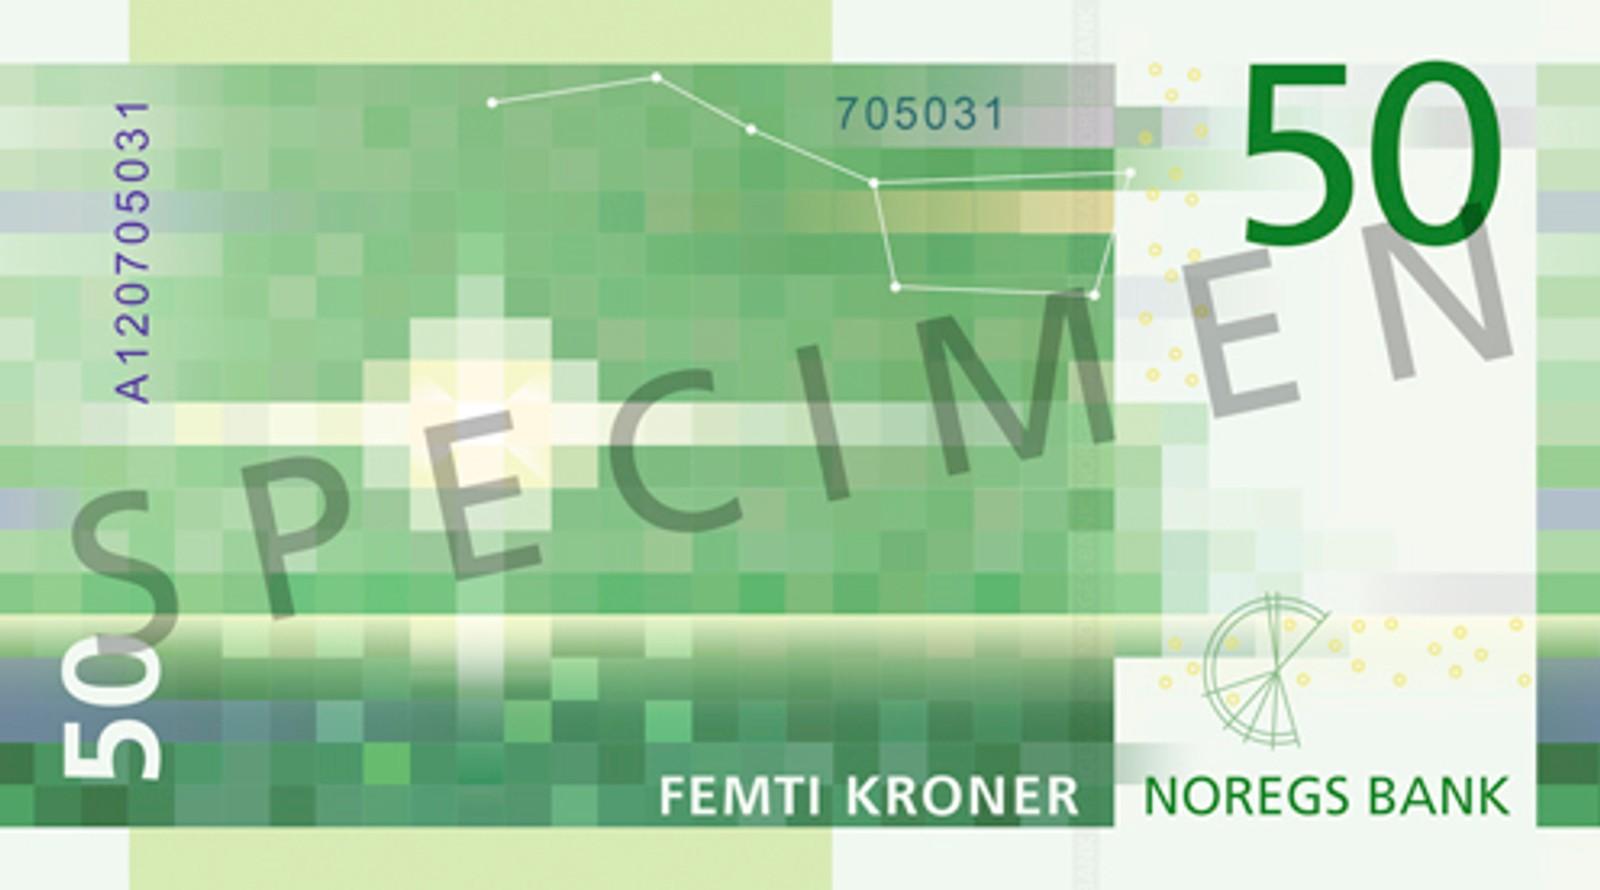 Mønsteret på 50-kroneseddelen er inspirert av et lyssignal fra et fyr. Seddelen skal tas i bruk fra 3. kvartal 2018.